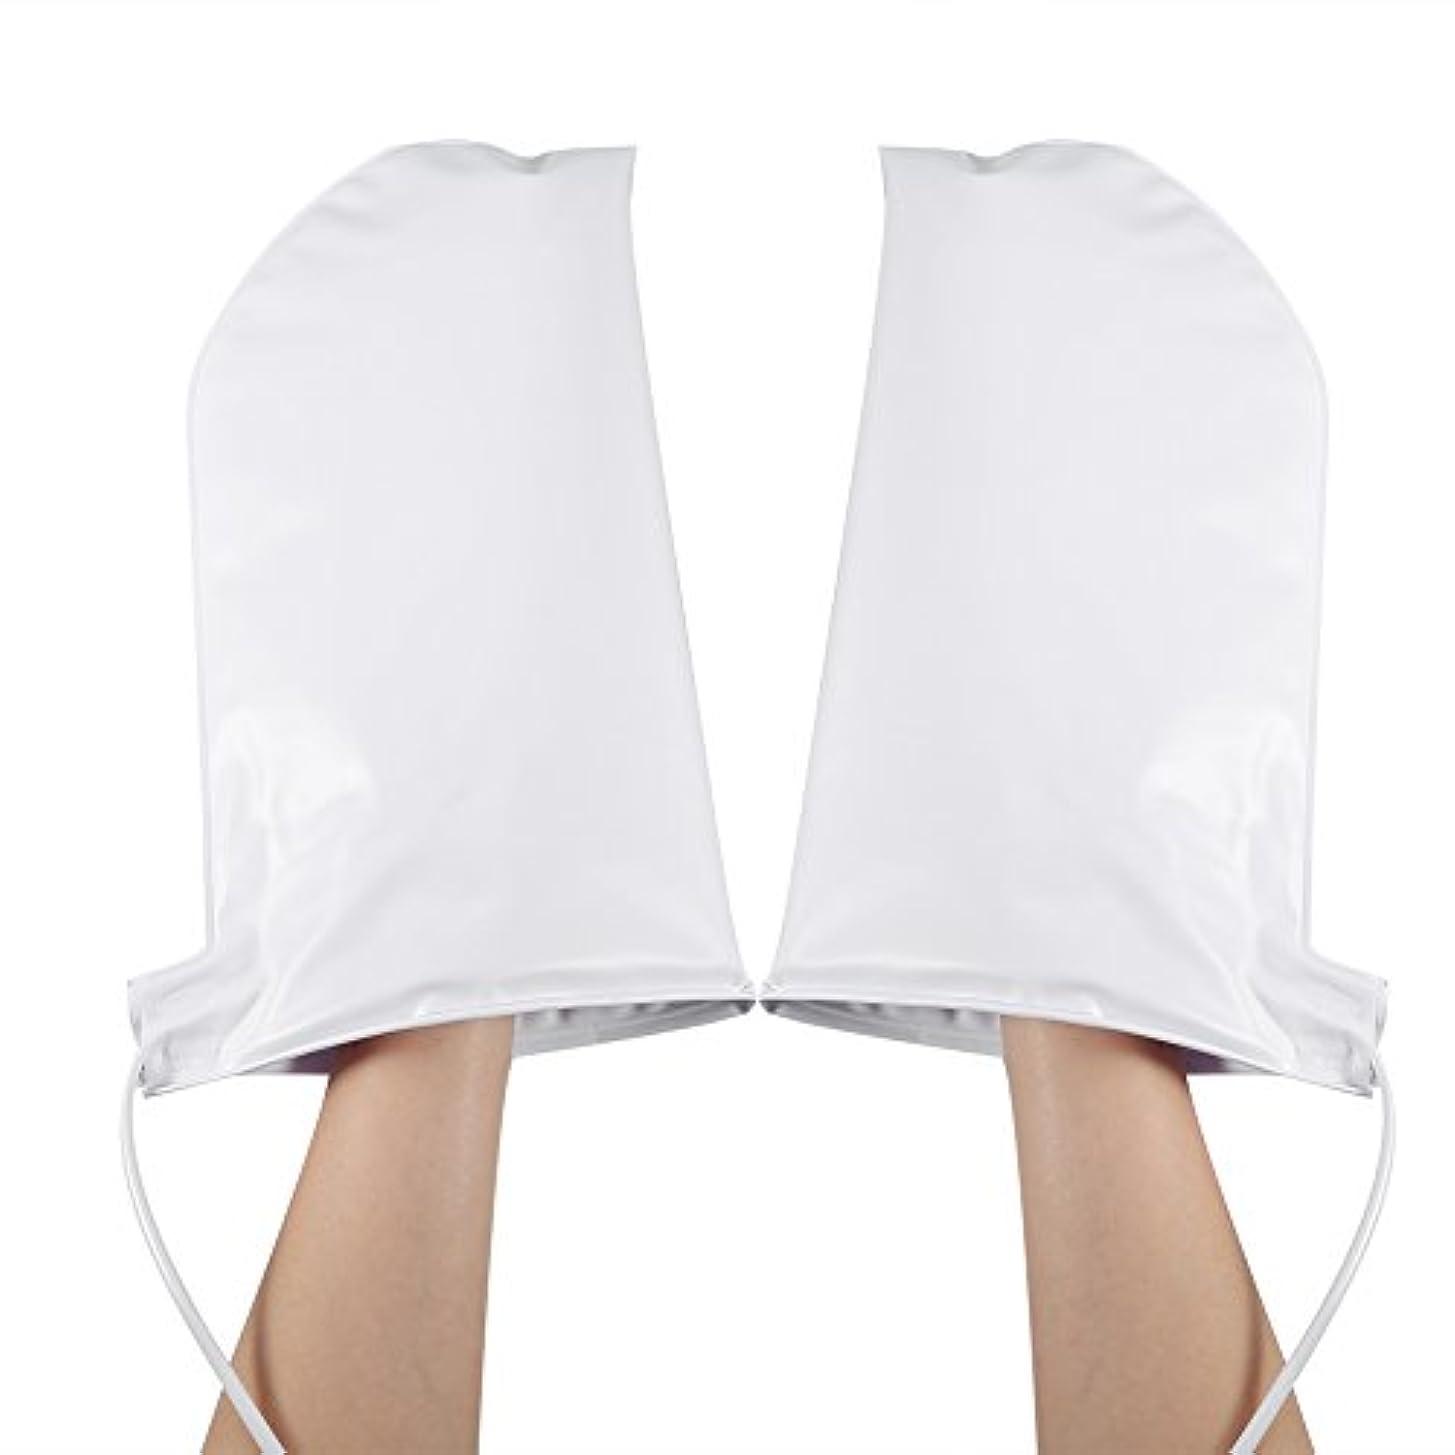 カポック大事にする採用する手袋 ヒートグローブ 加熱式 電熱 手ケア ハンドケア 2つ加熱モード 乾燥対策 手荒れ対策 補水 保湿 美白 しっとり